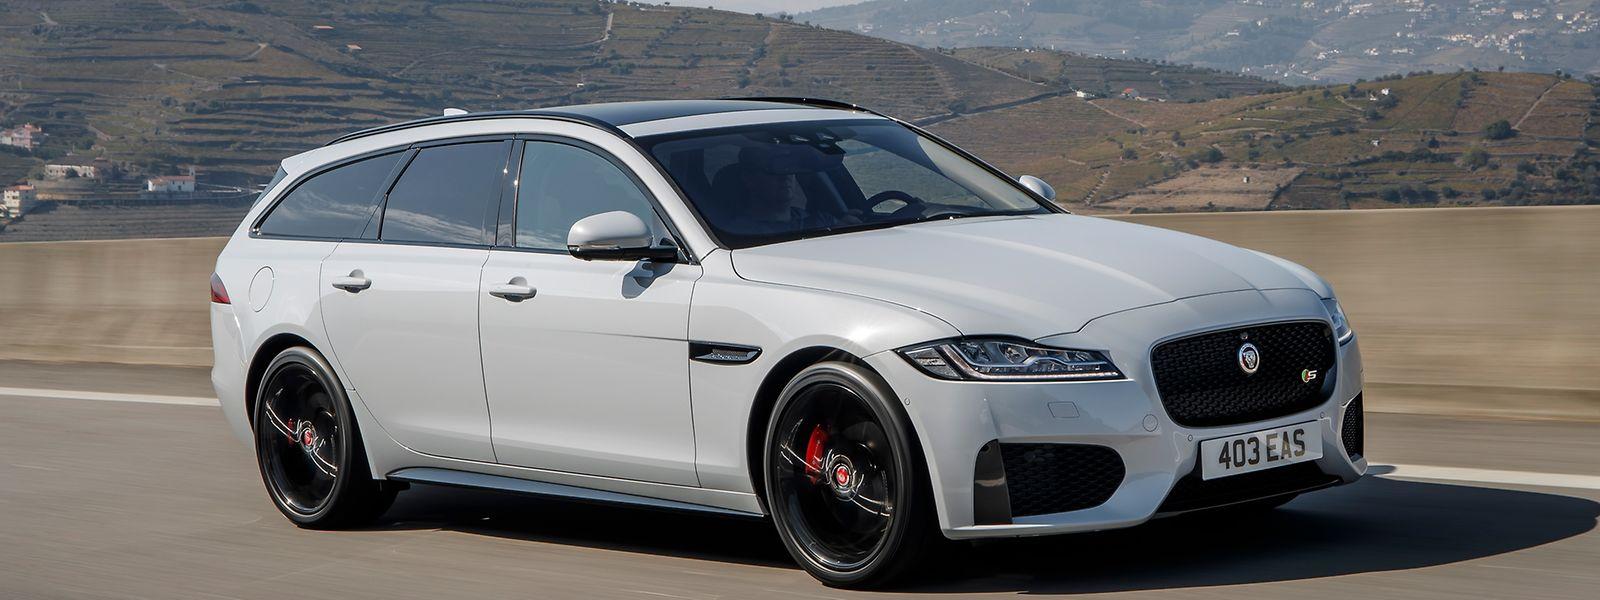 Mit dem XF Sportbrake meldet sich Jaguar zurück im Kombi-Segment: Neben ihrem schicken Design erfreut die zweite Generation des Edellasters mit sportlichen Motoren.